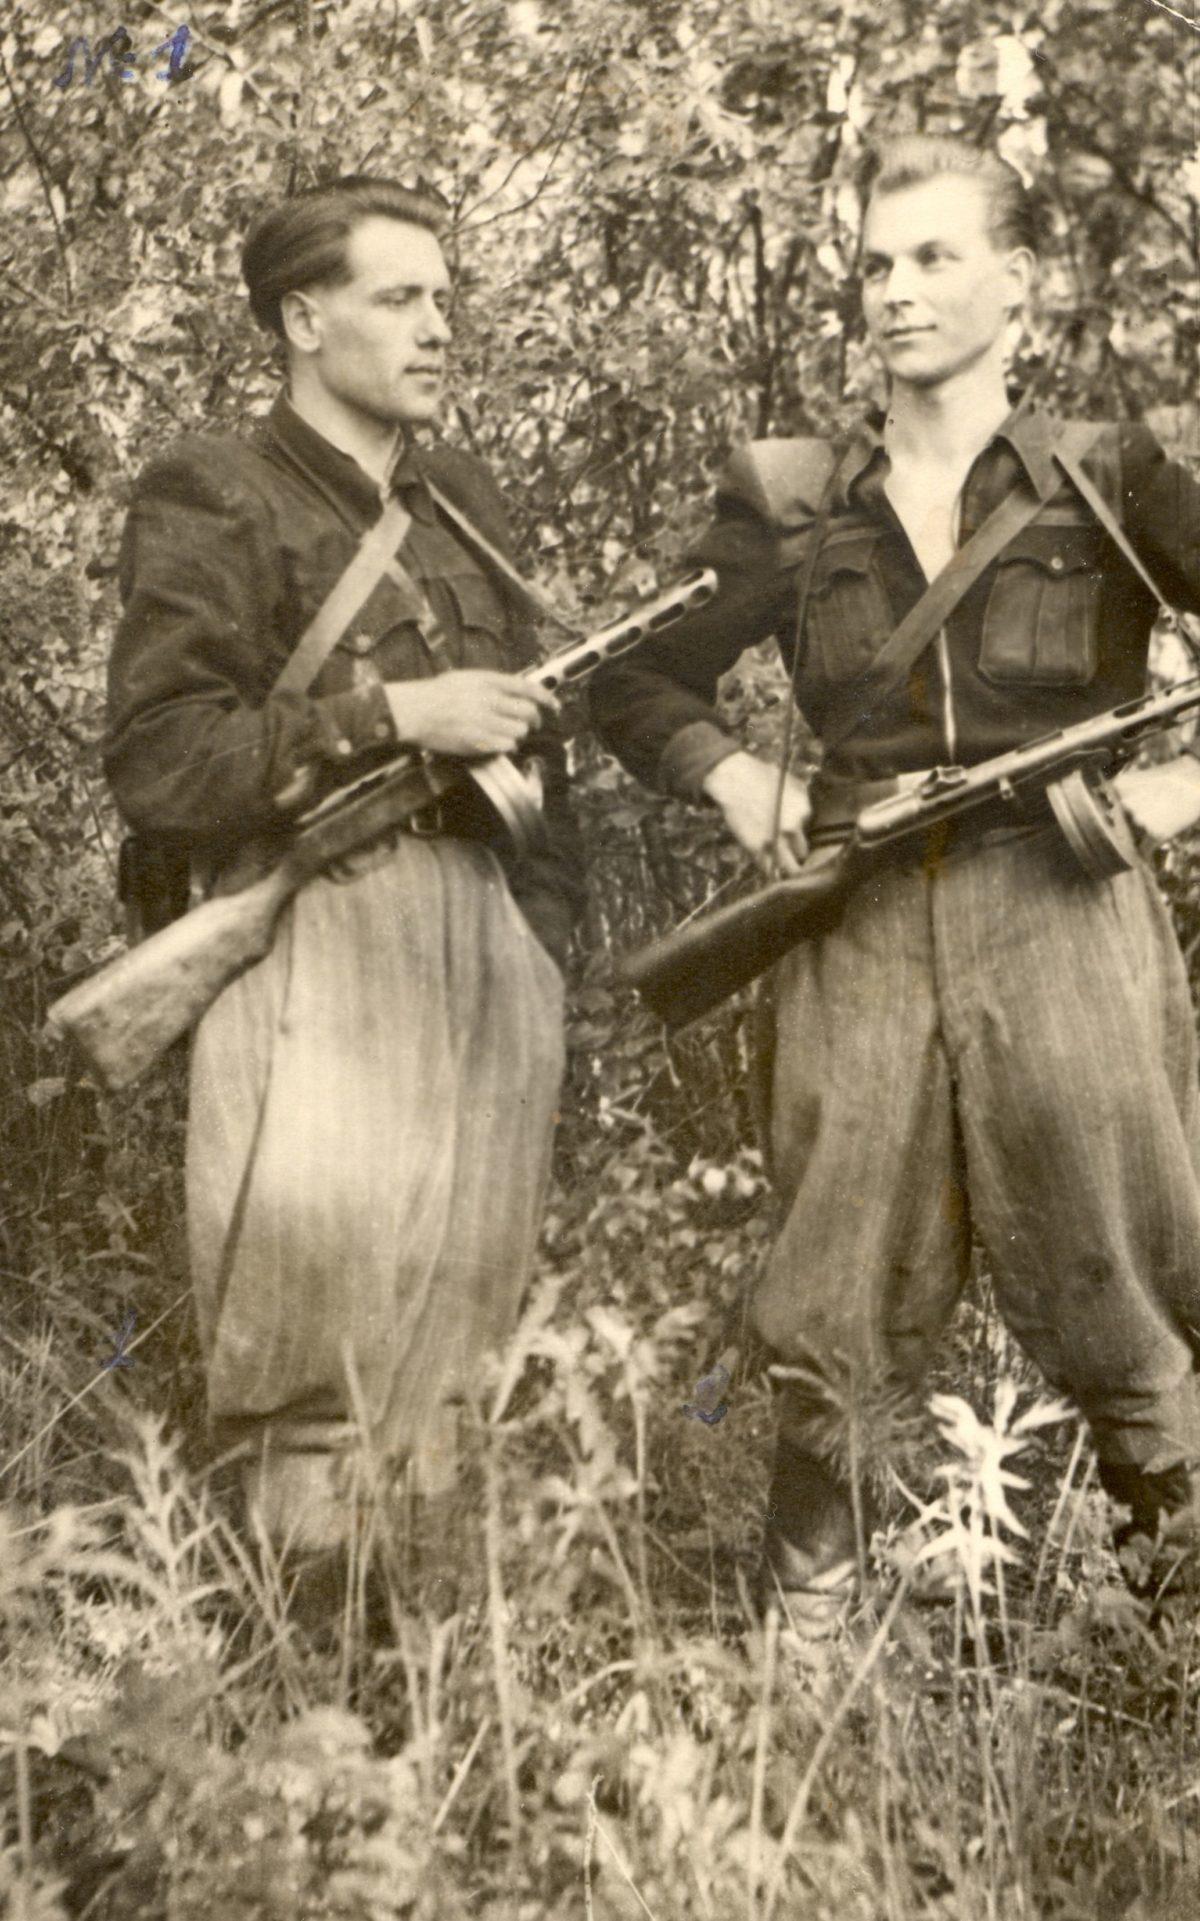 Praėjus šešiems slegiančios nežinomybės dešimtmečiams legendinio partizano J. Streikaus (dešinėje) palaikai pagaliau suras ramybę. Lietuvos gyventojų genocido ir rezistencijos tyrimo centro nuotr.